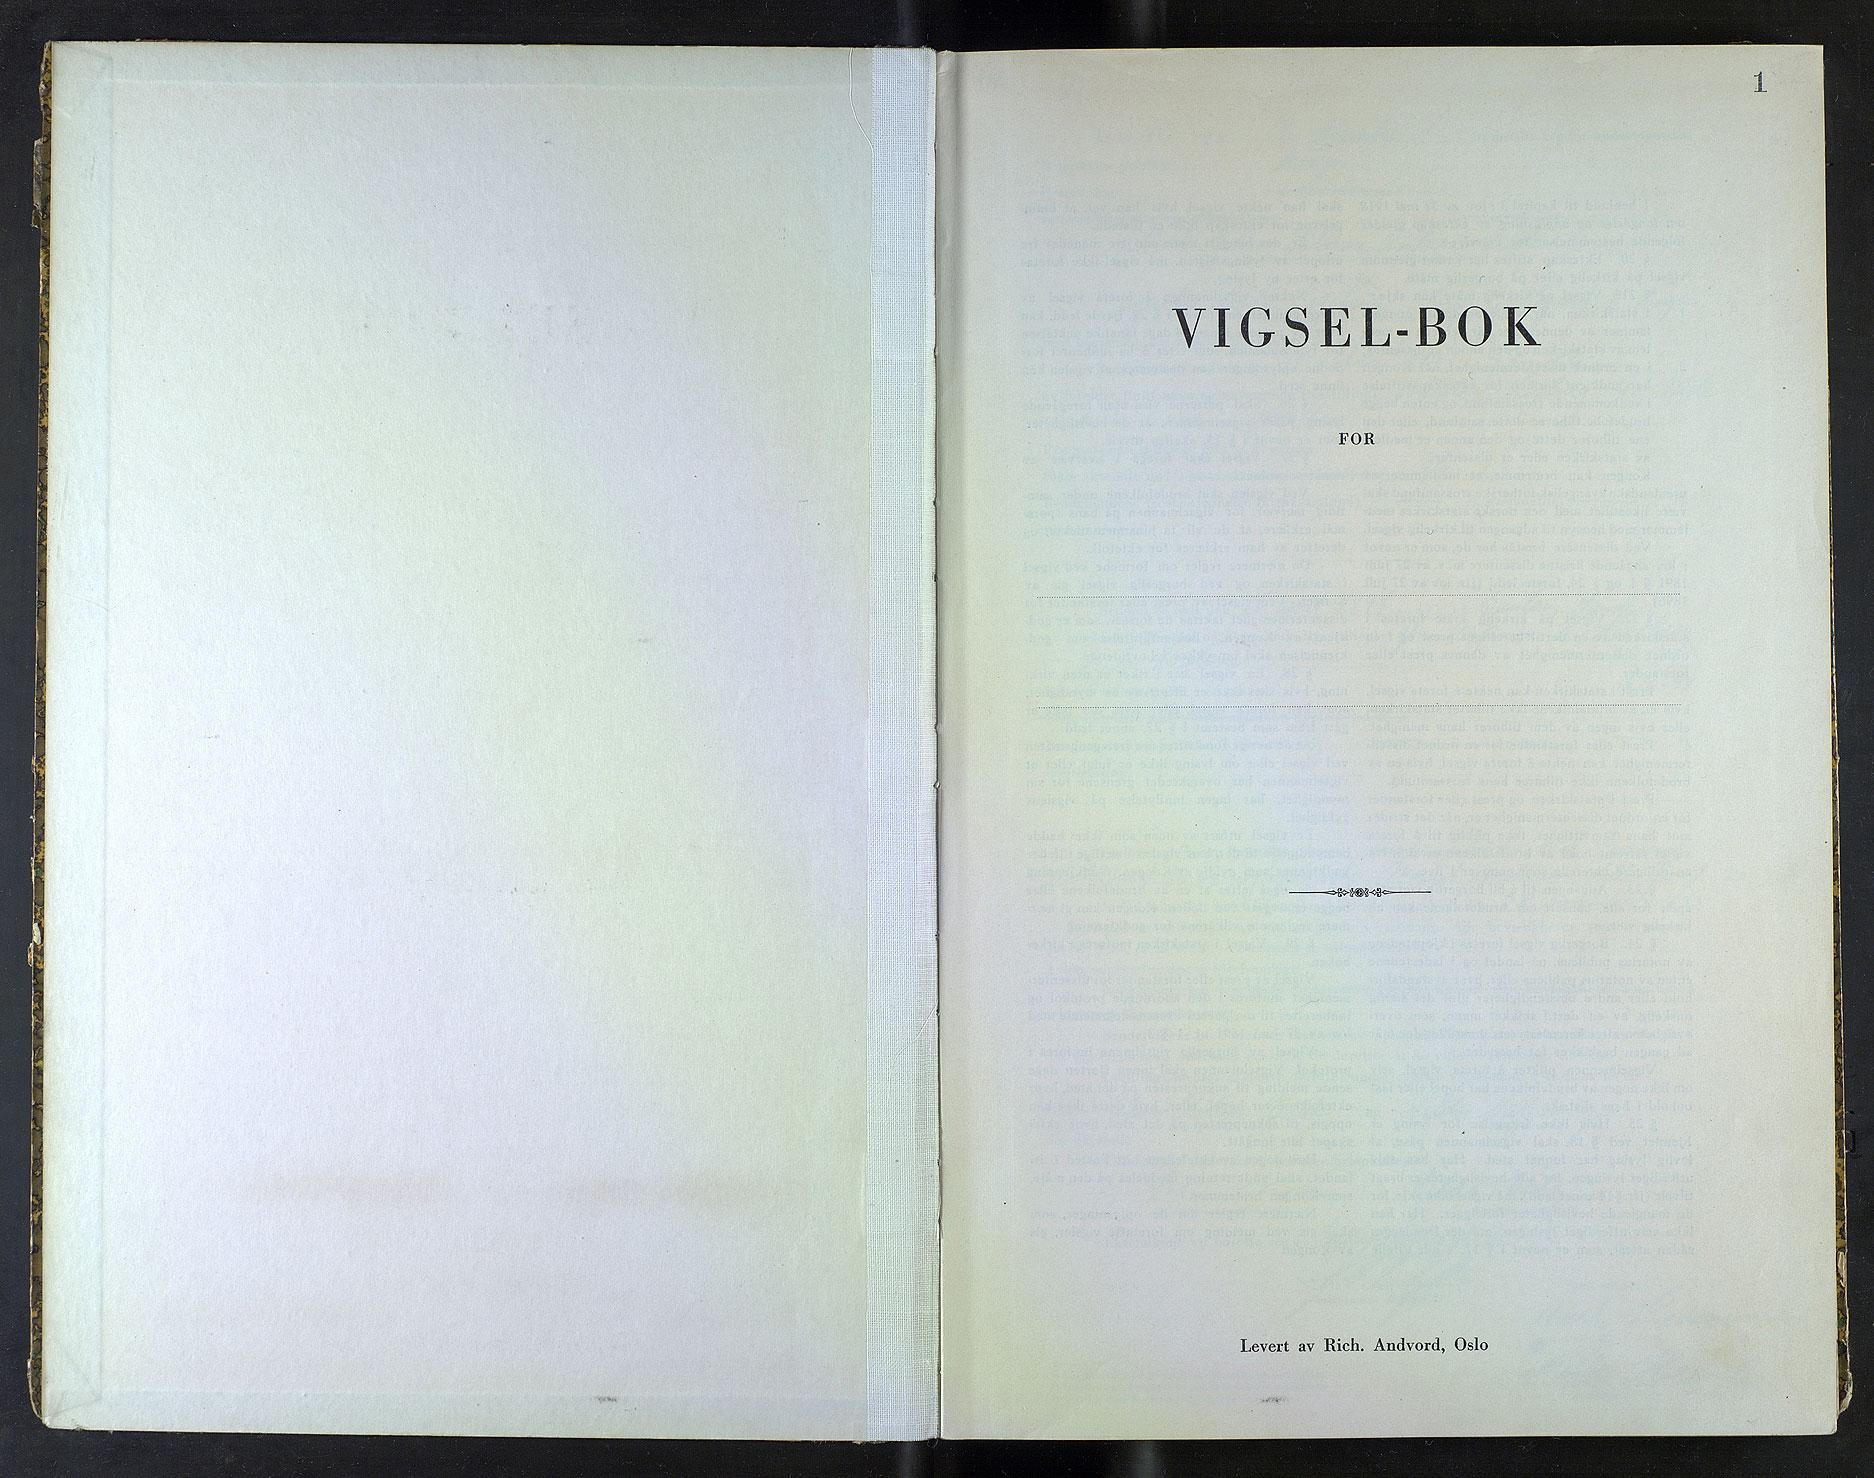 SAB, Bergen byfogd og byskriver*, 1943-1944, s. 1